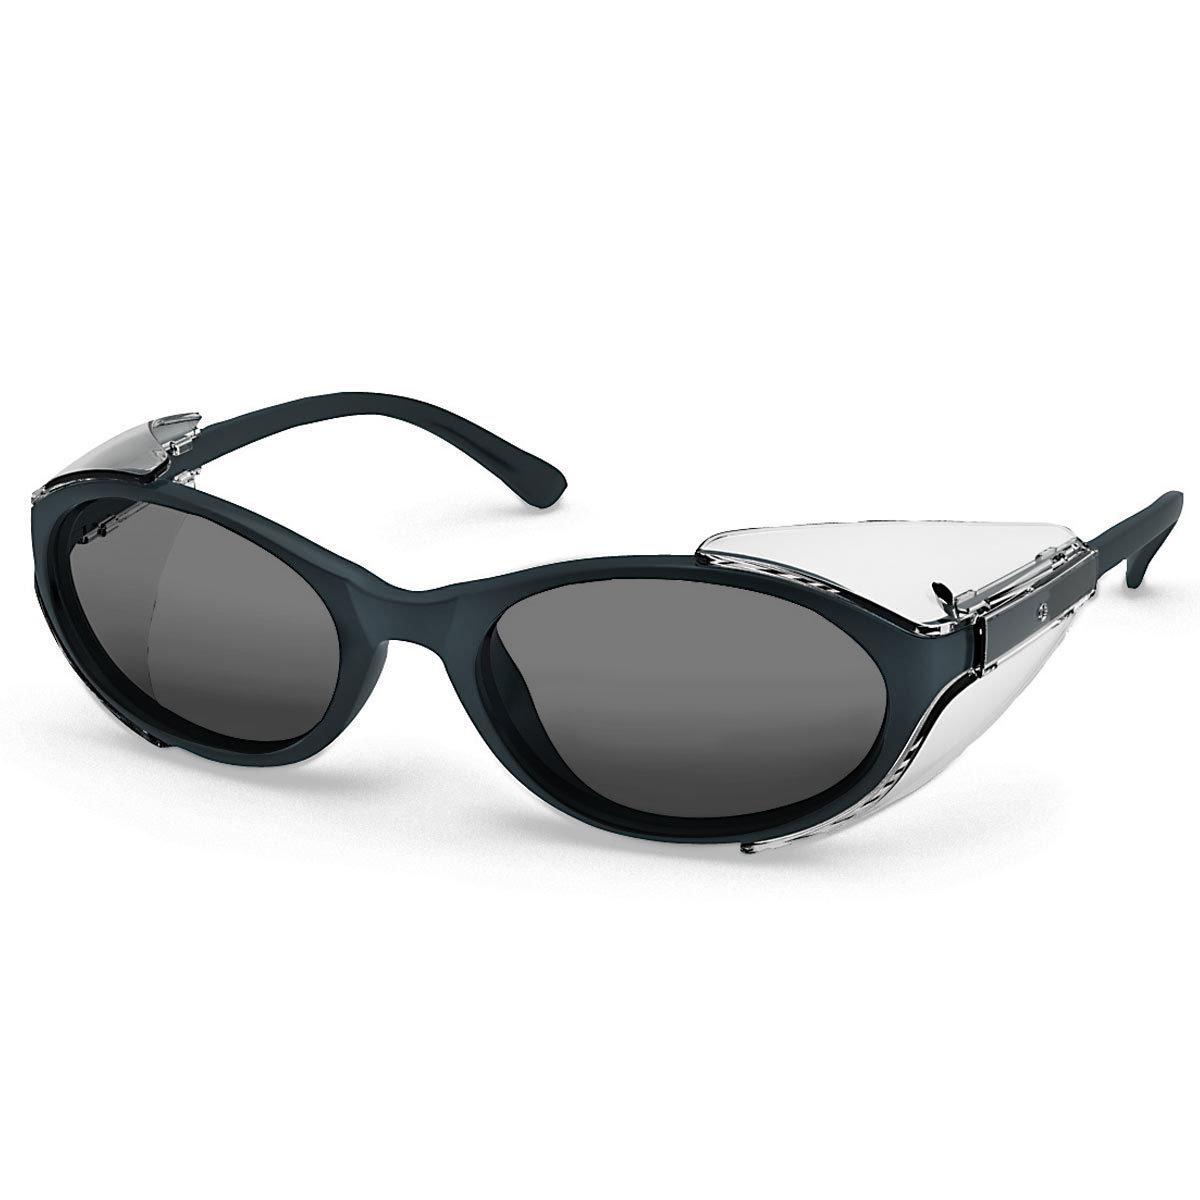 Uvex Korrektionsschutzbrille RX 5504 - grau getönt